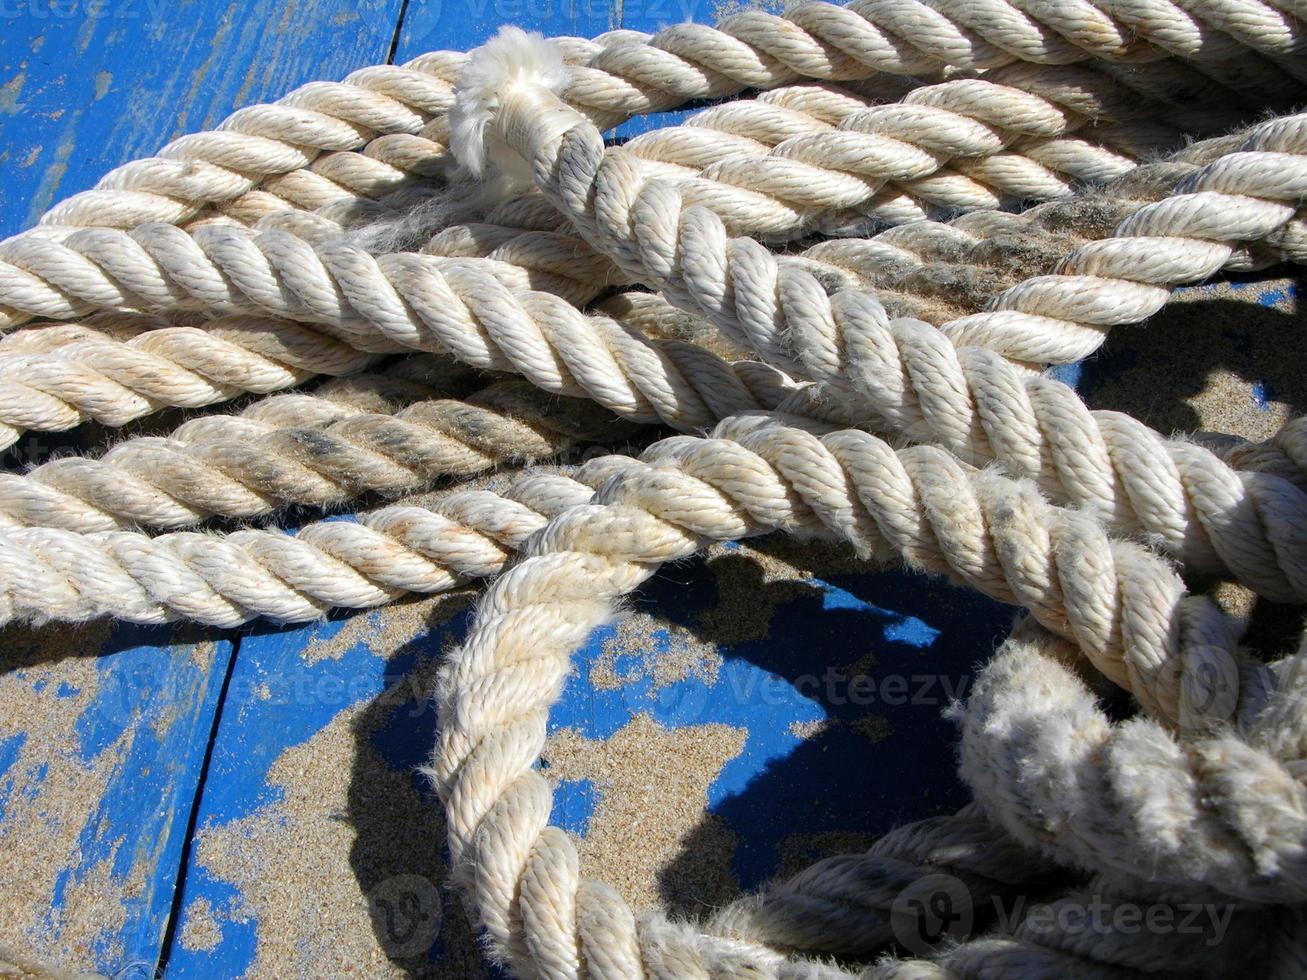 corda e areia no convés foto